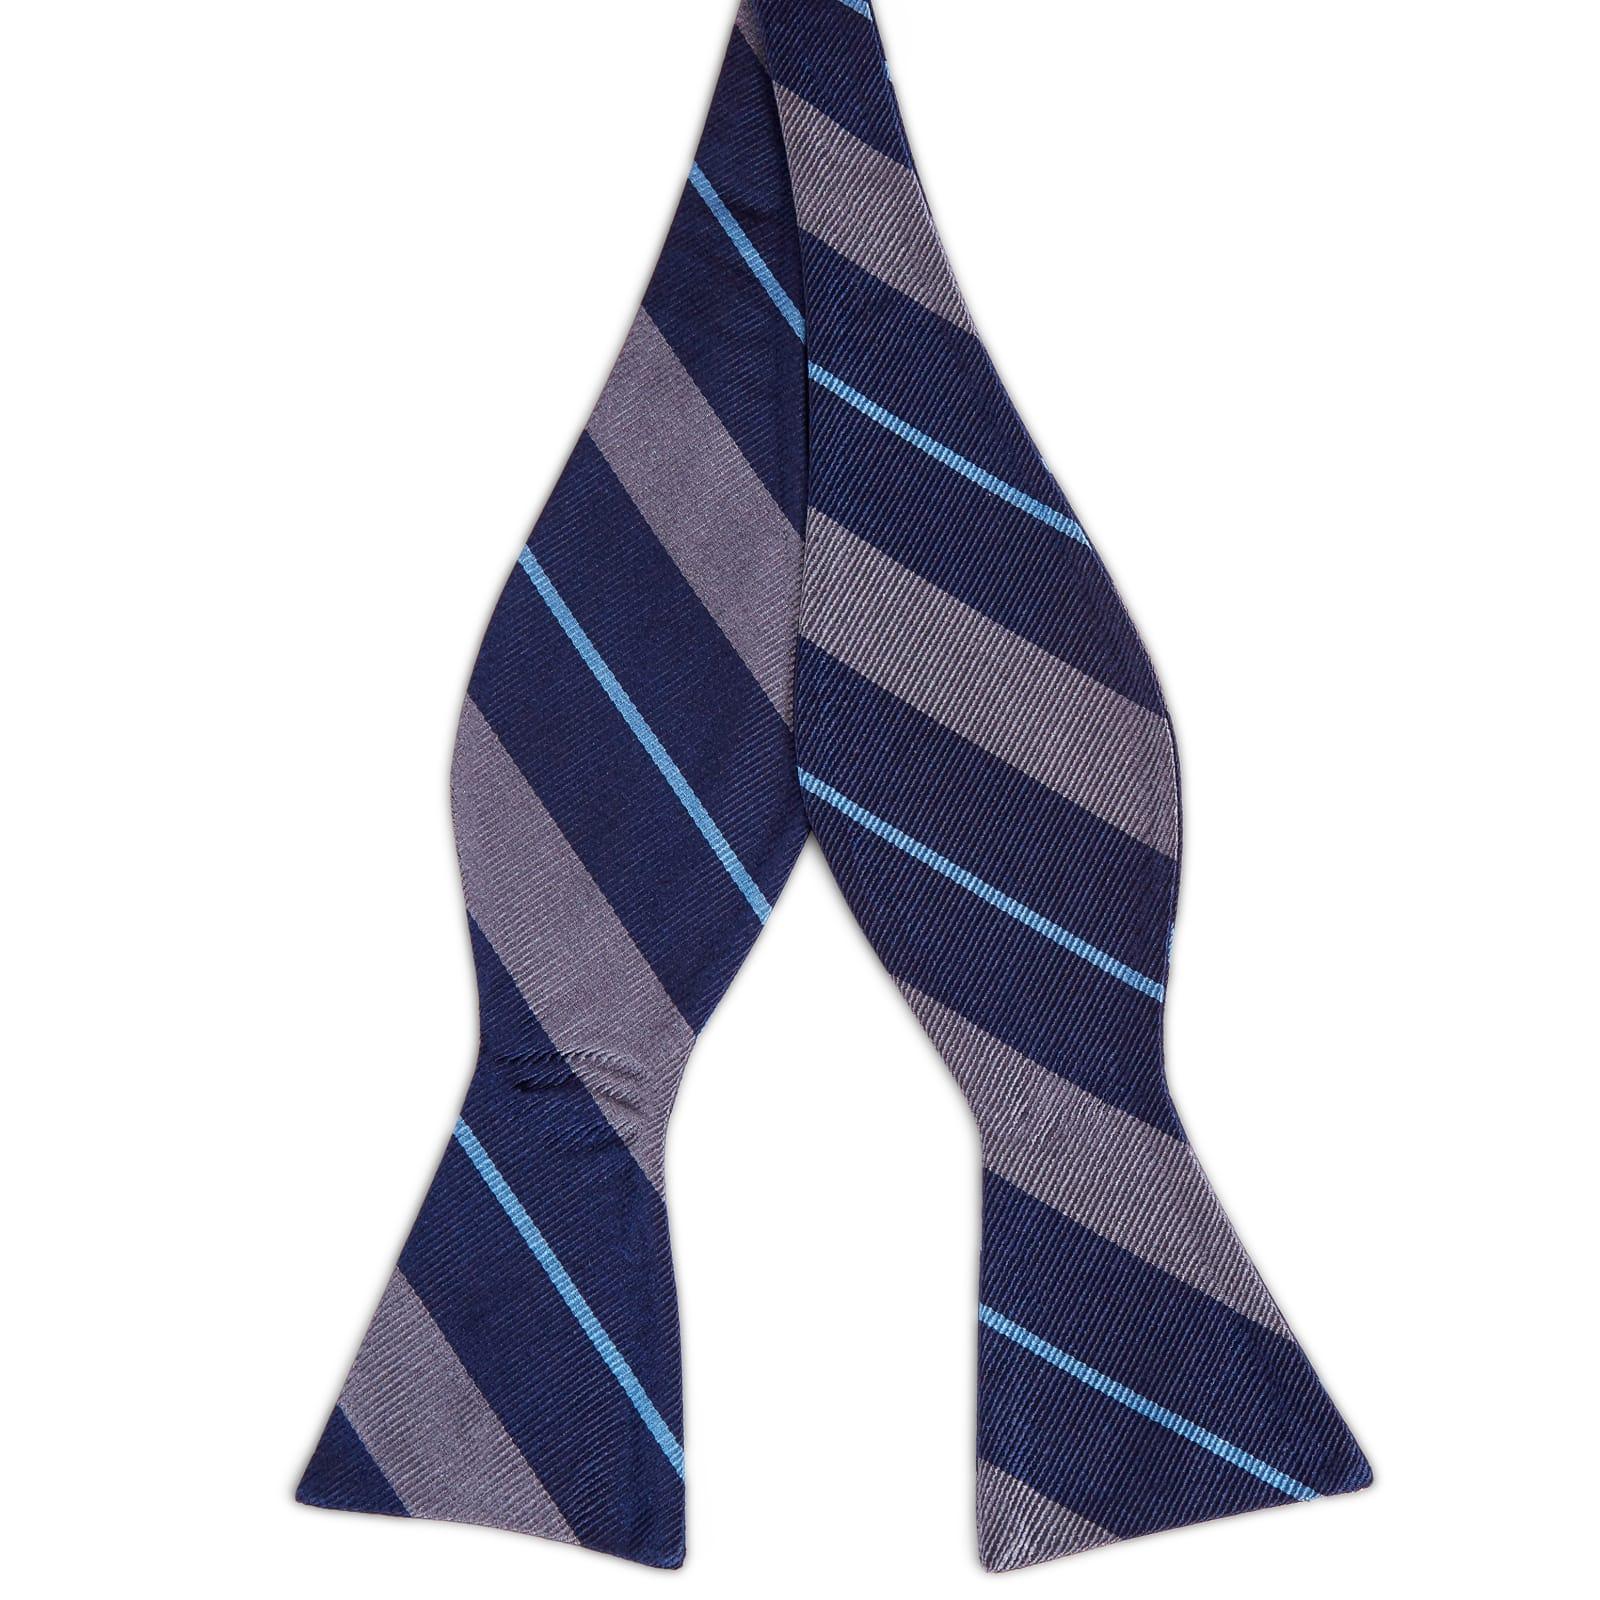 c9f7e8a68925fc Marineblauwe Zijden Zelfbinder Vlinderdas met Grijze & Blauwe Accenten | Op  voorraad | TND Basics